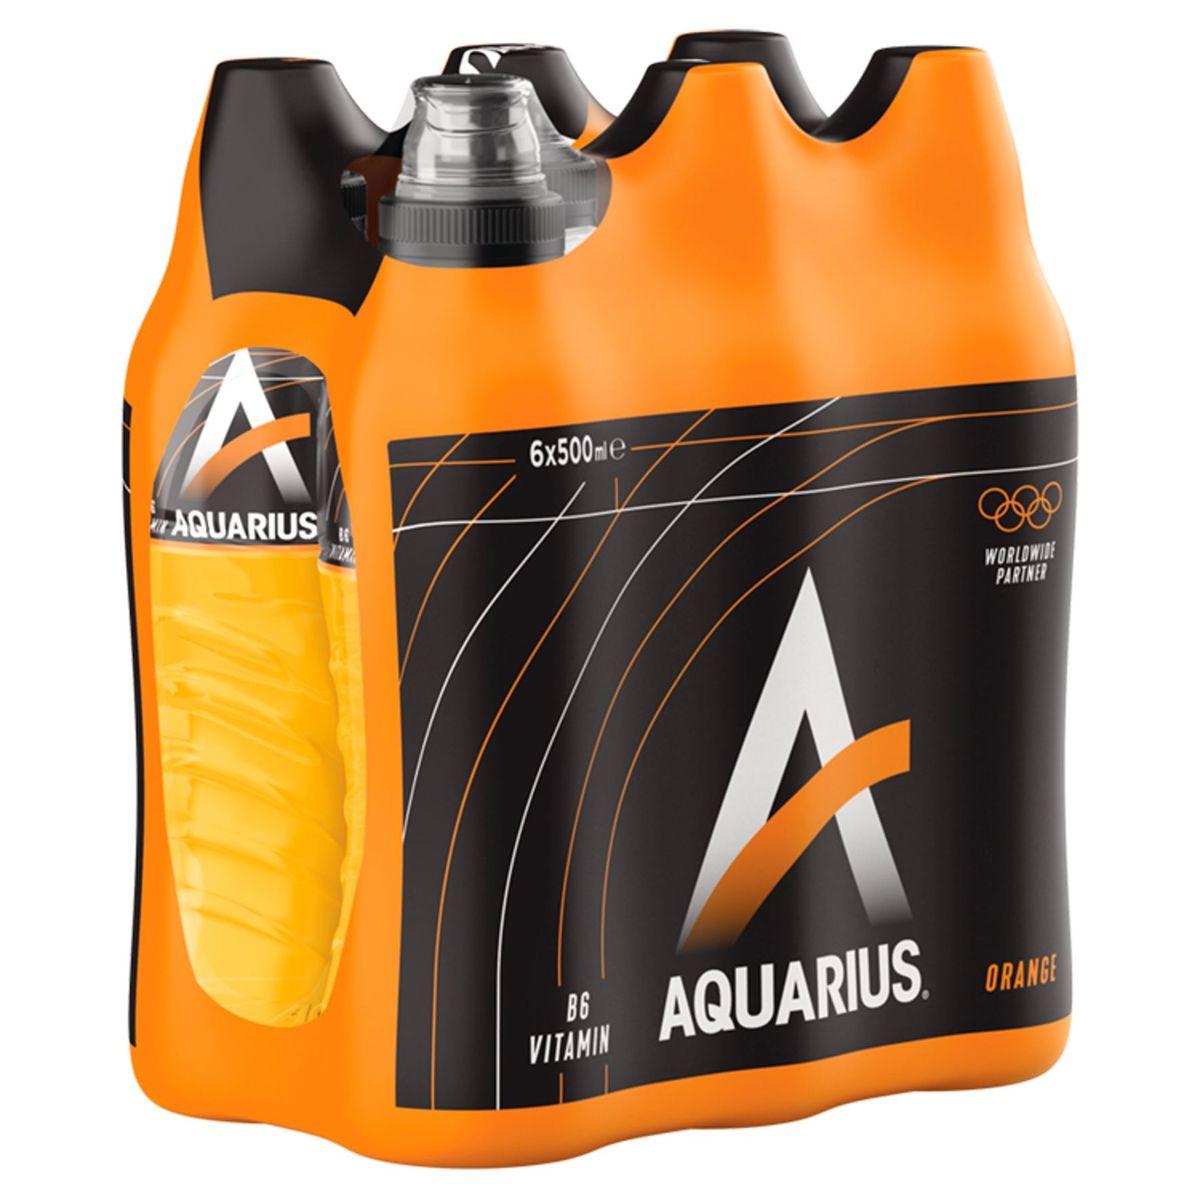 Aquarius Orange 6 x 500 ml